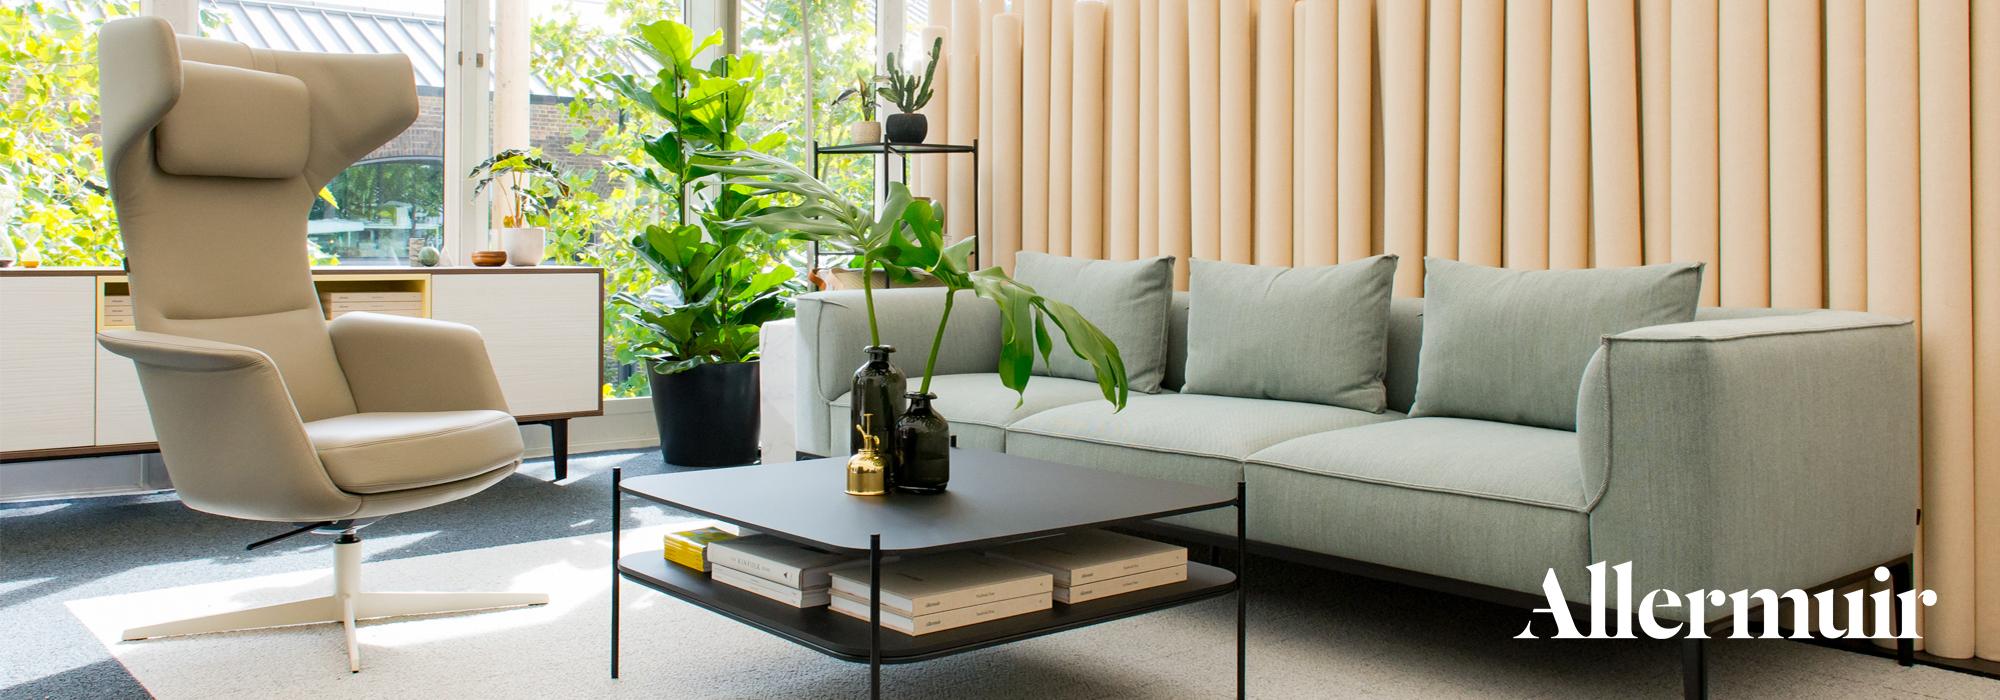 Allermuir Tarry Chair & Oran Sofa